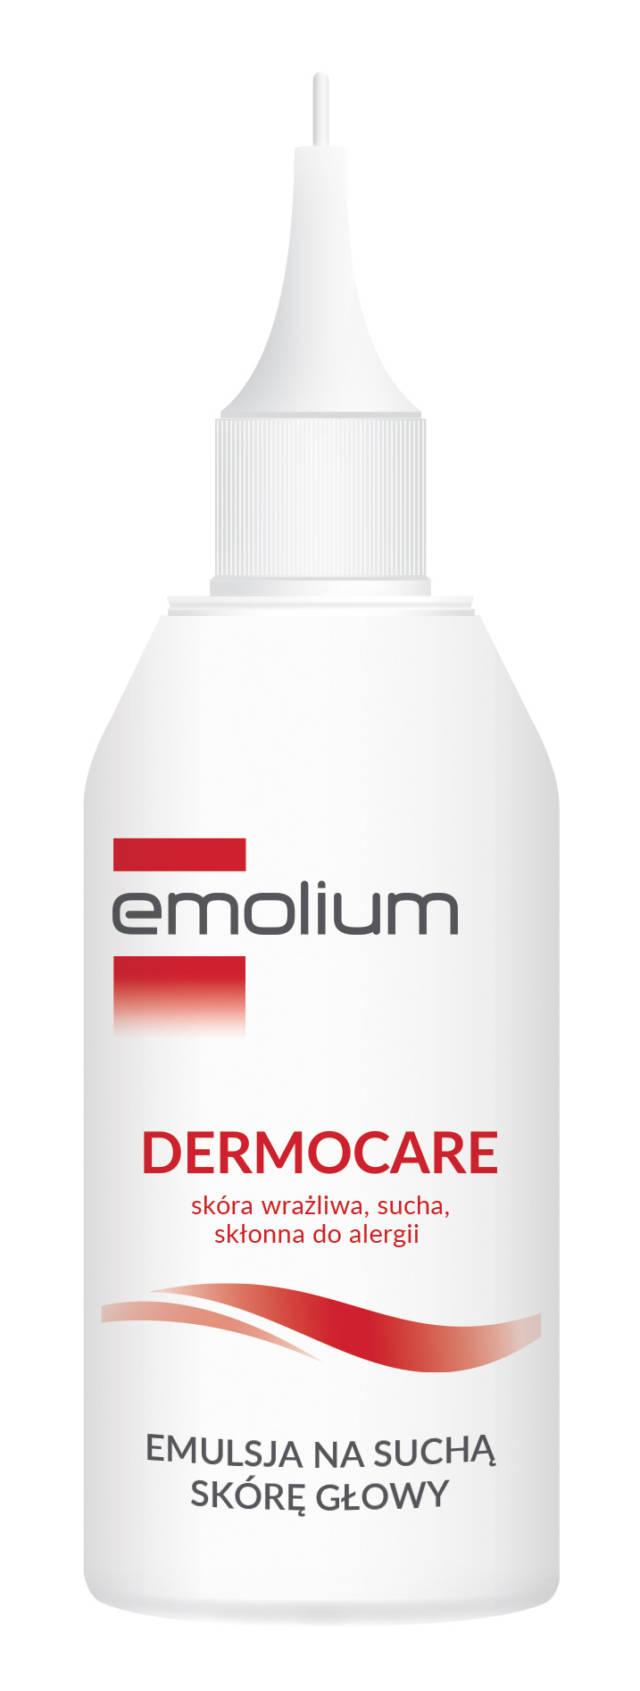 EMOLIUM DERMOCARE Emulsja na suchą skórę głowy 100ml